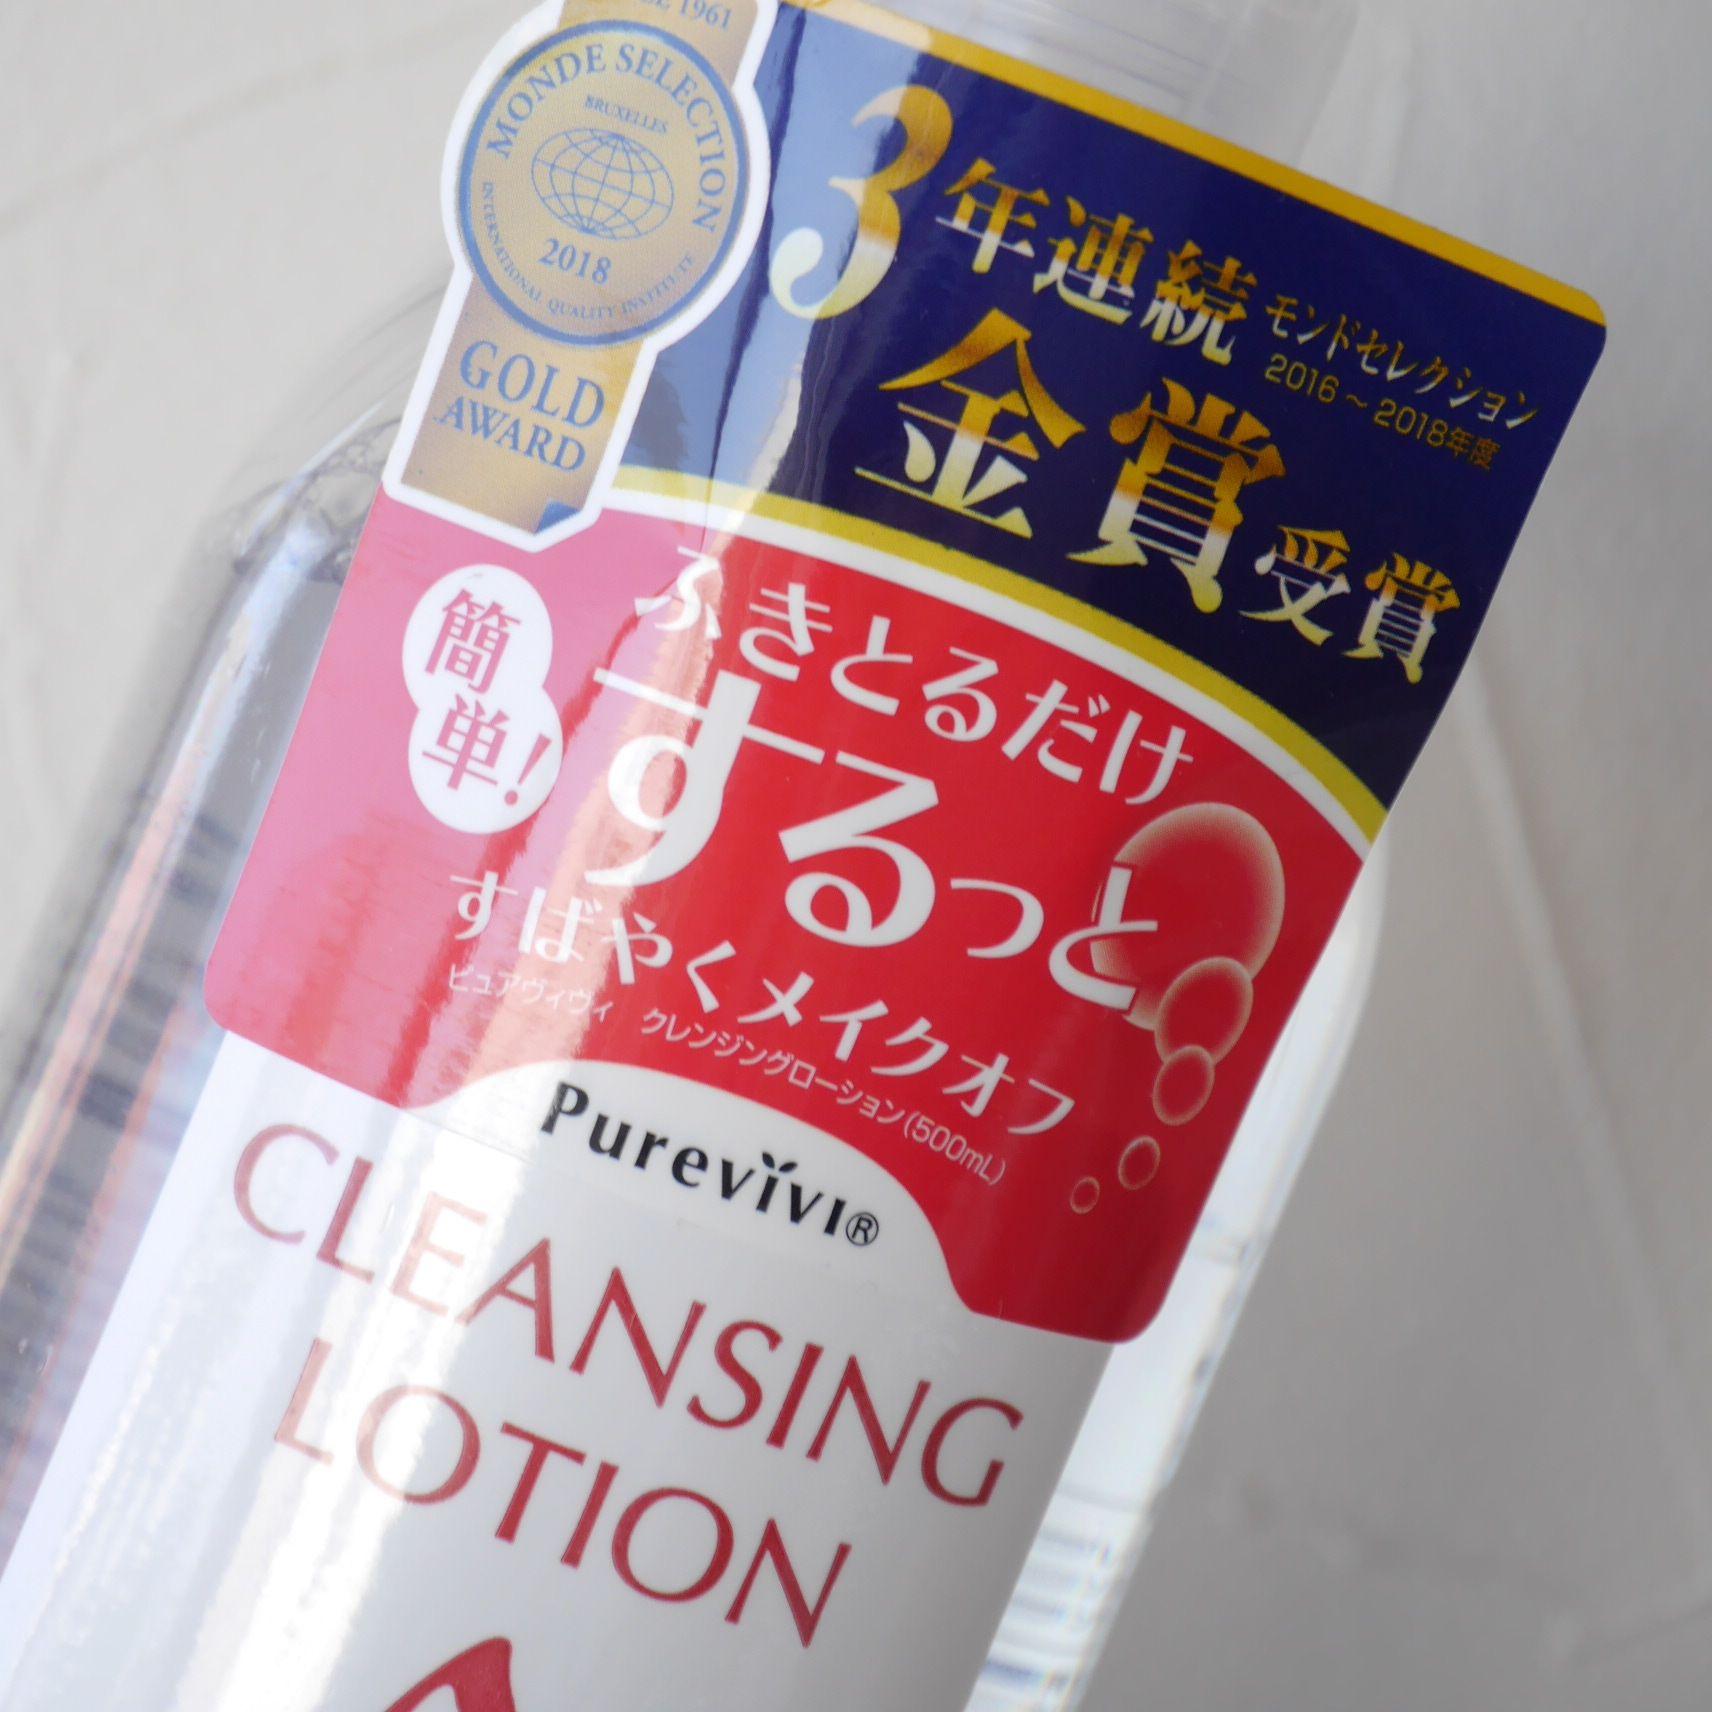 ピュアヴィヴィ クレンジングローション_金賞受賞ラベル